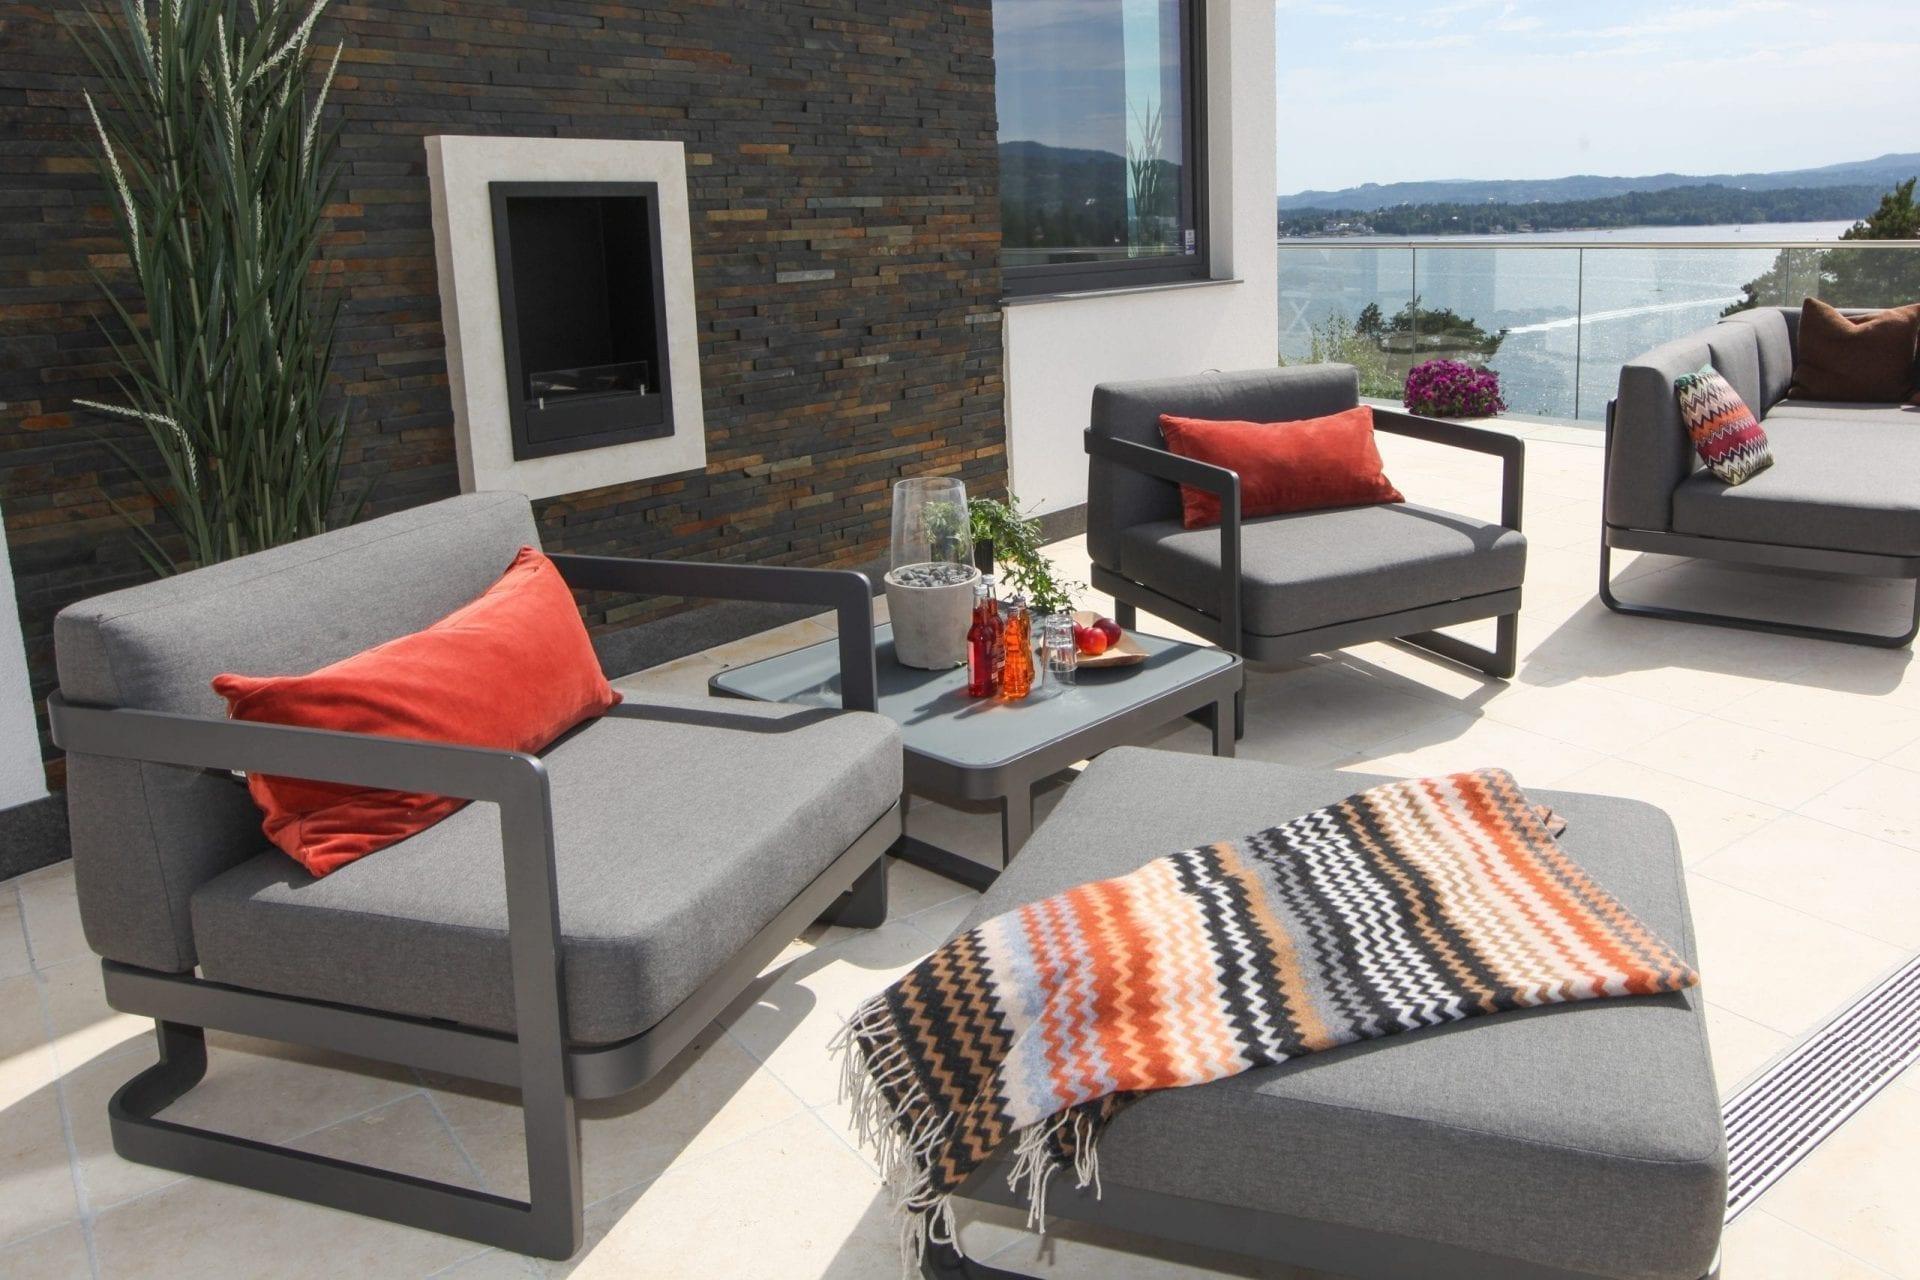 Gardenart hagestoler i grå på en terrasse sammen med en puff og et lite firkantet bord i sort